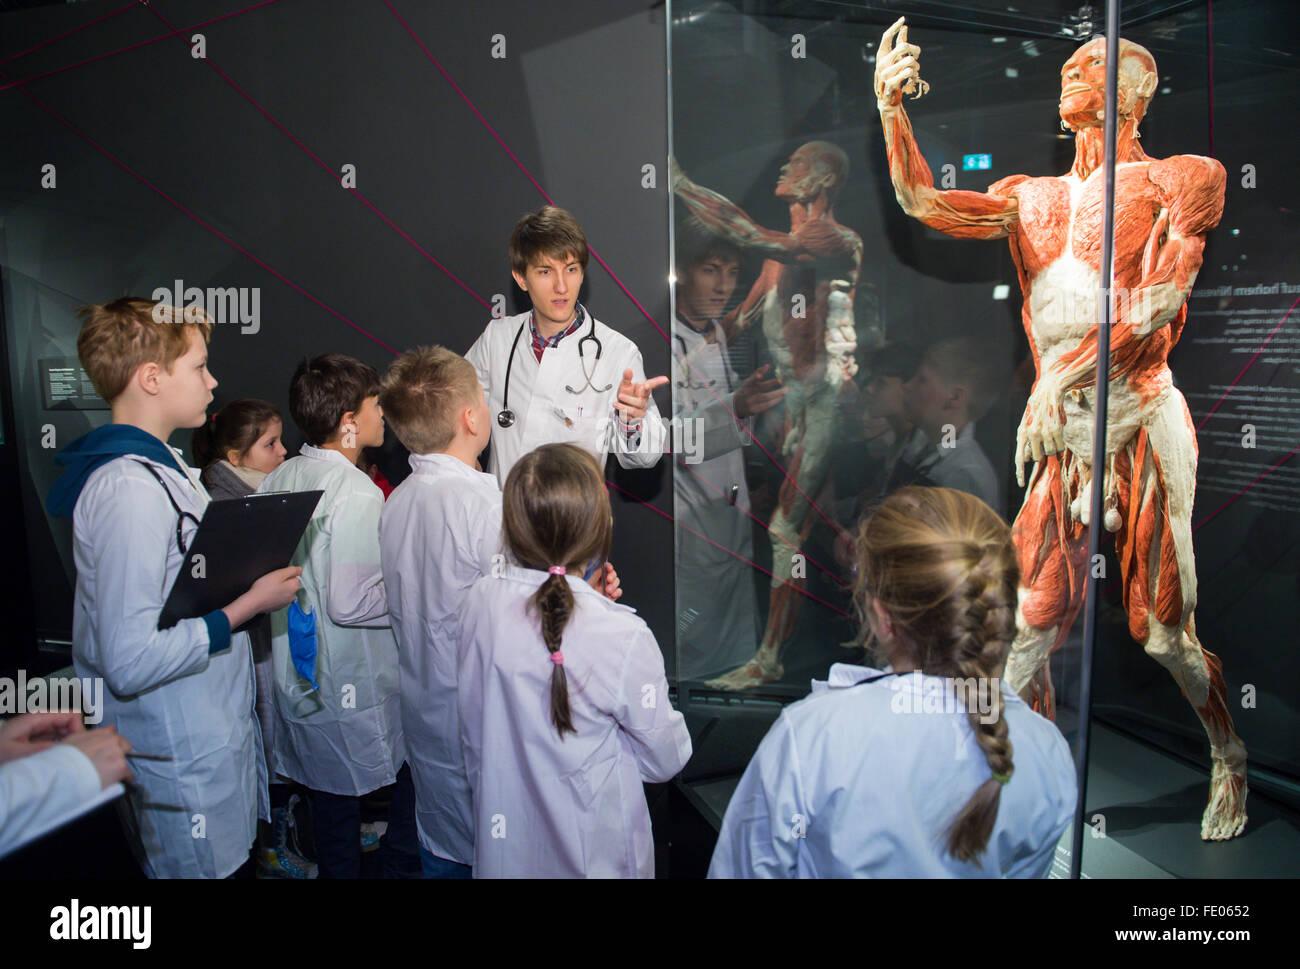 Medizinstudent Daniel Wobetzky (C) erklärt Anatomie des Menschen zu ...